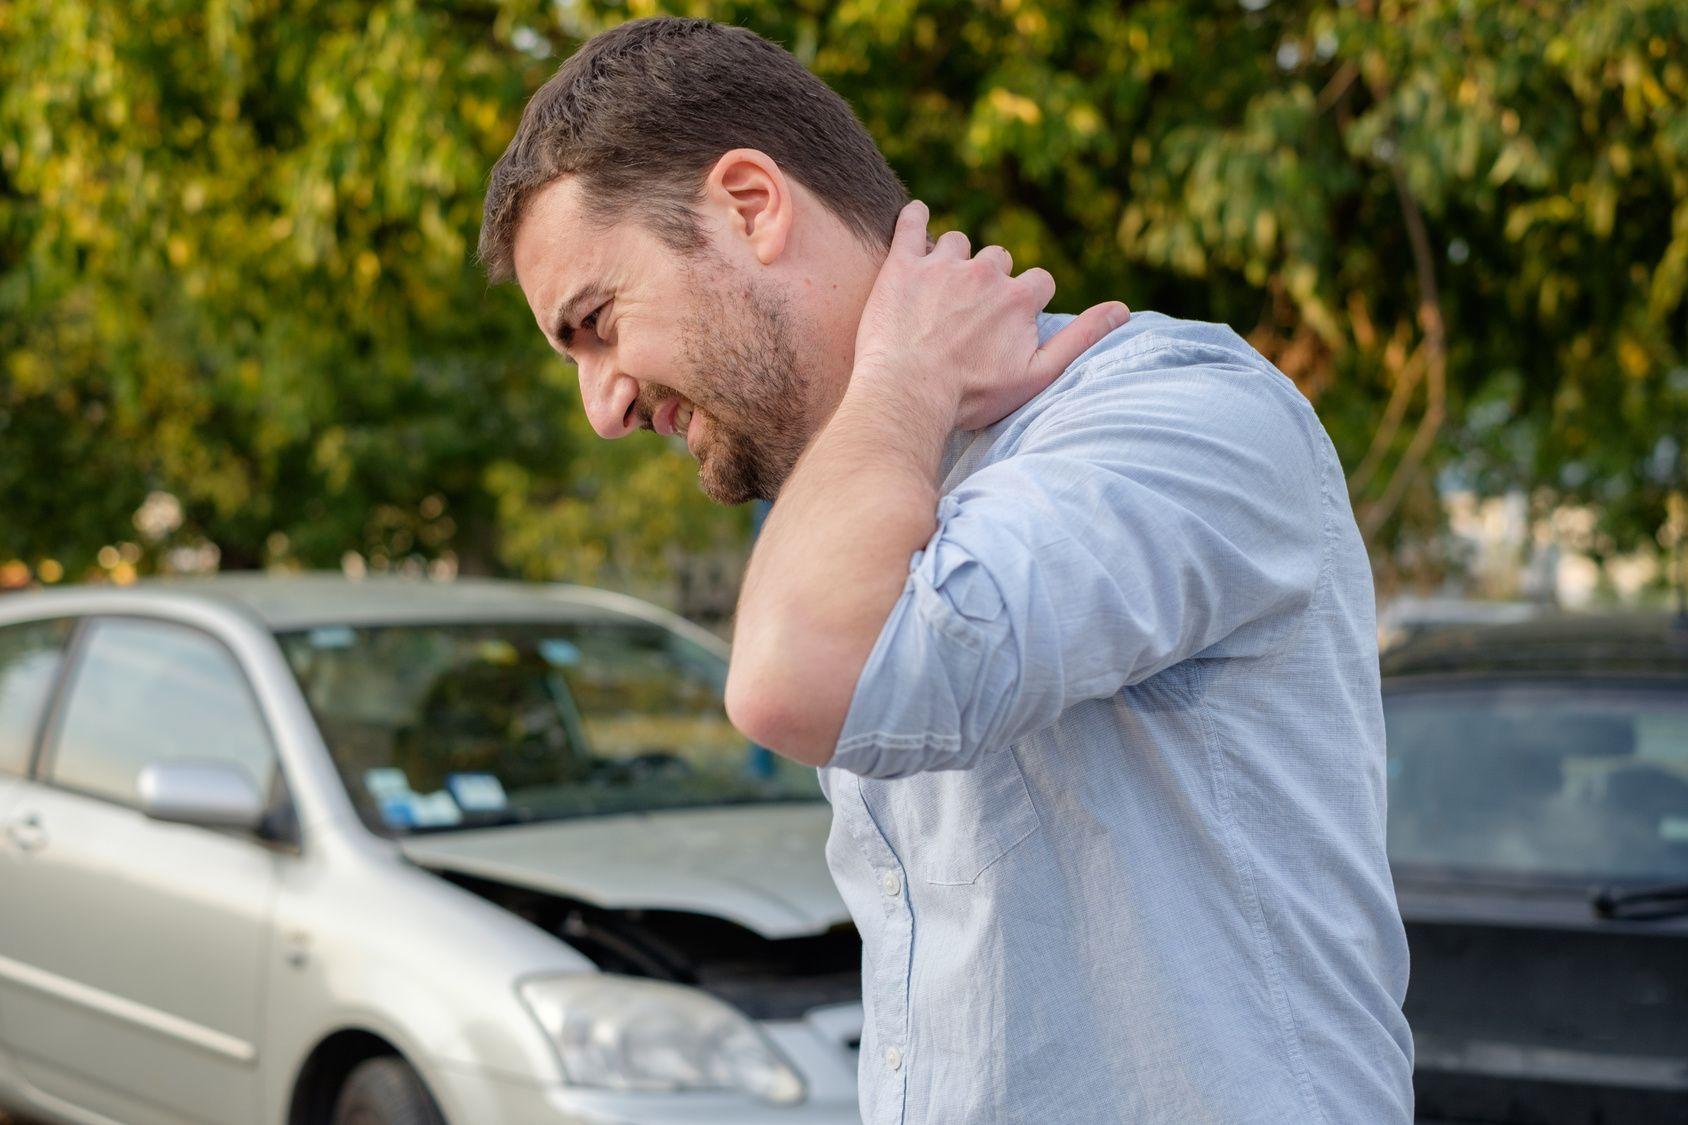 Dolor cervical tras golpe de coche